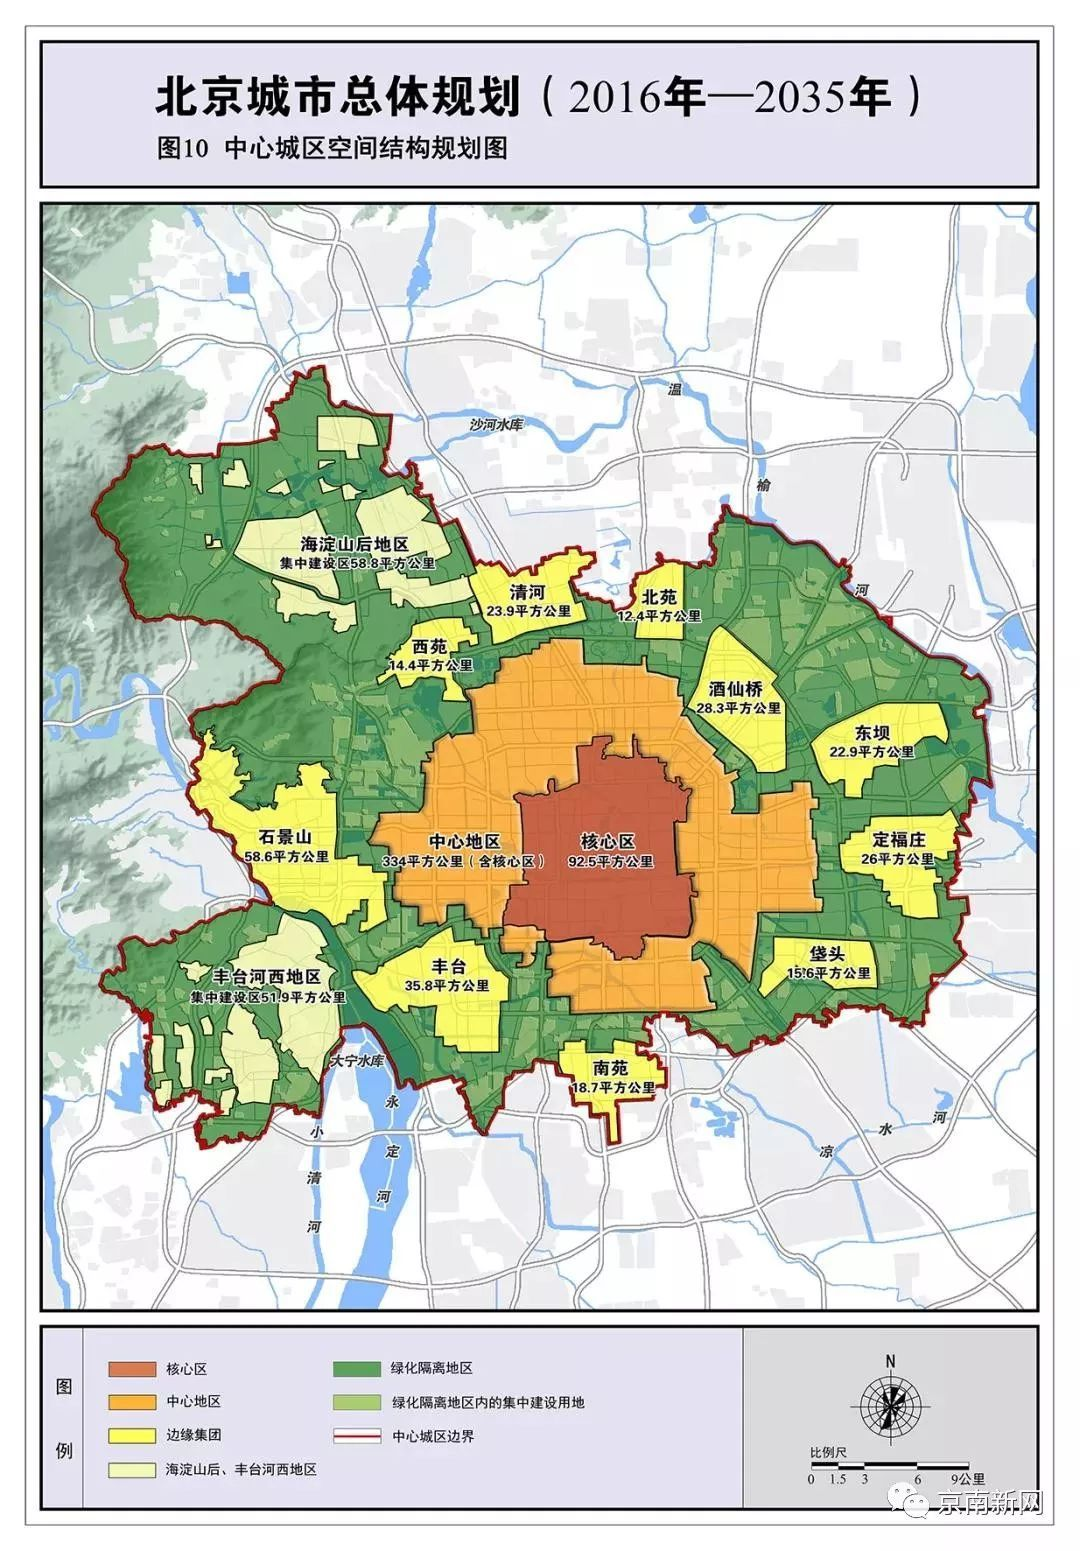 重磅 北京城市总体规划发布,带您了解20年后的北京